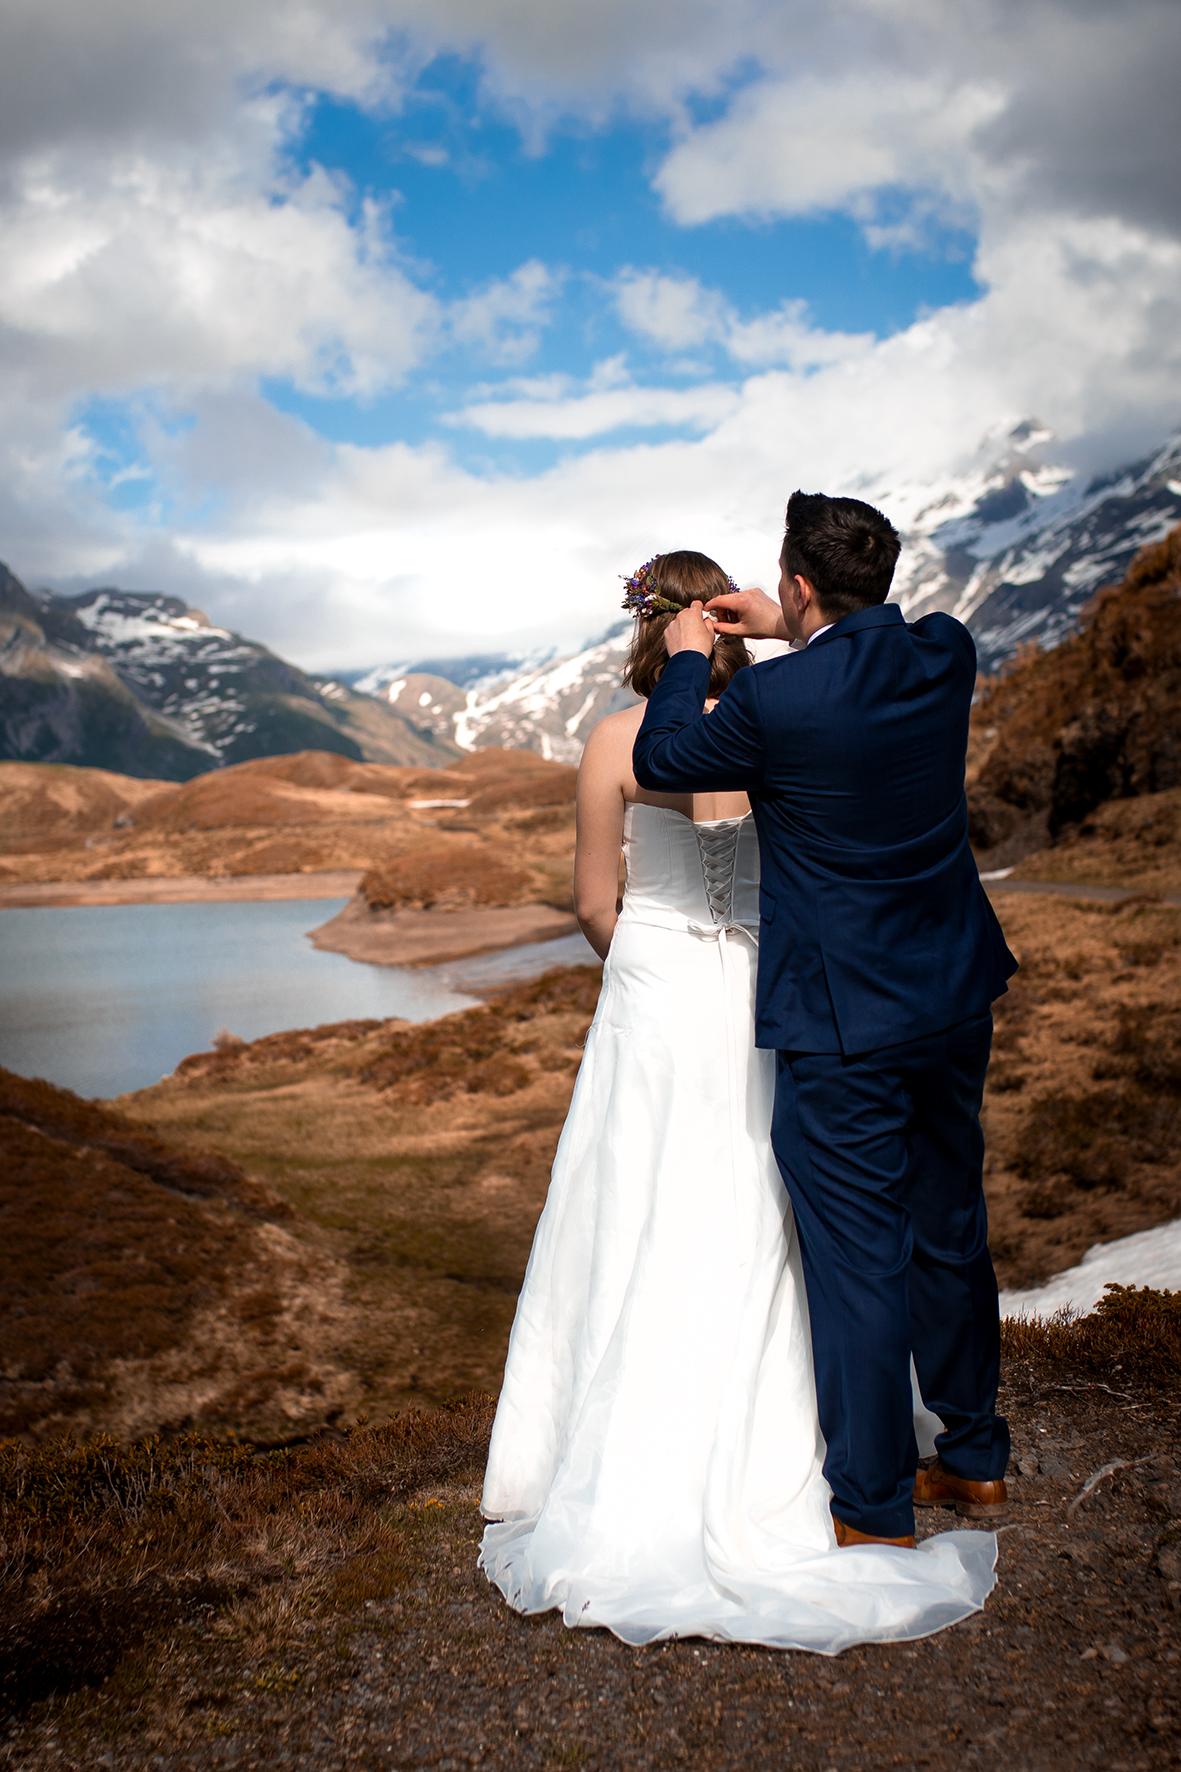 Getting Ready bei einem Elopement in den Alpen. Der Bräutigam bindet der Braut den Blumenkranz um. Das Brautpaar blickt dabei über einen Bergsee und deiner Bergkette mit weissen Gipfeln in der Ferne.